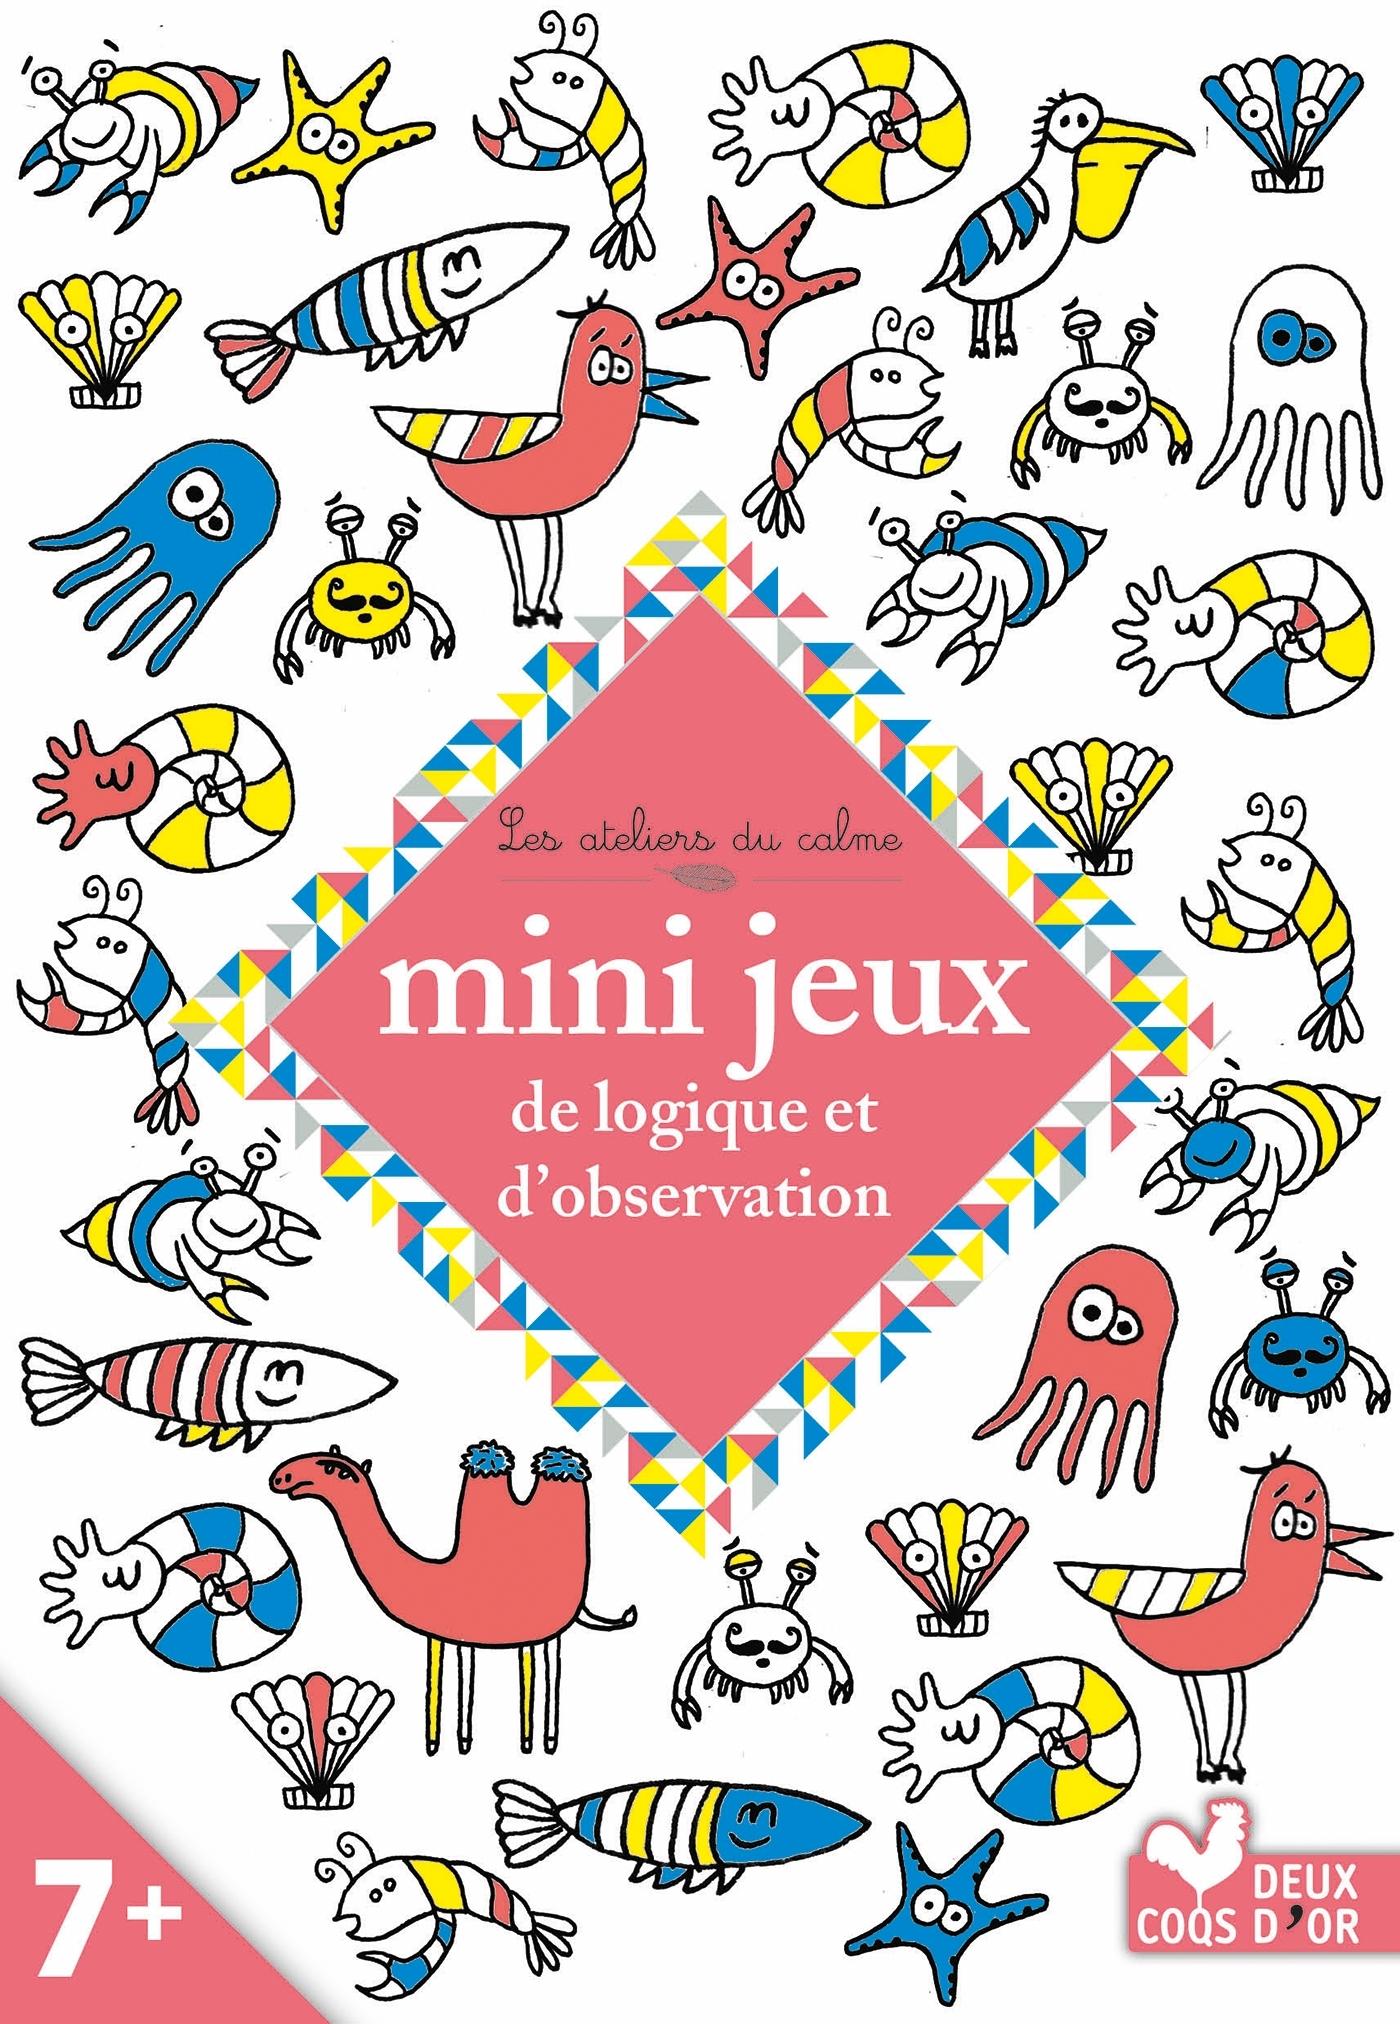 ADC - MINI-JEUX DE LOGIQUE ET D'OBSERVATION